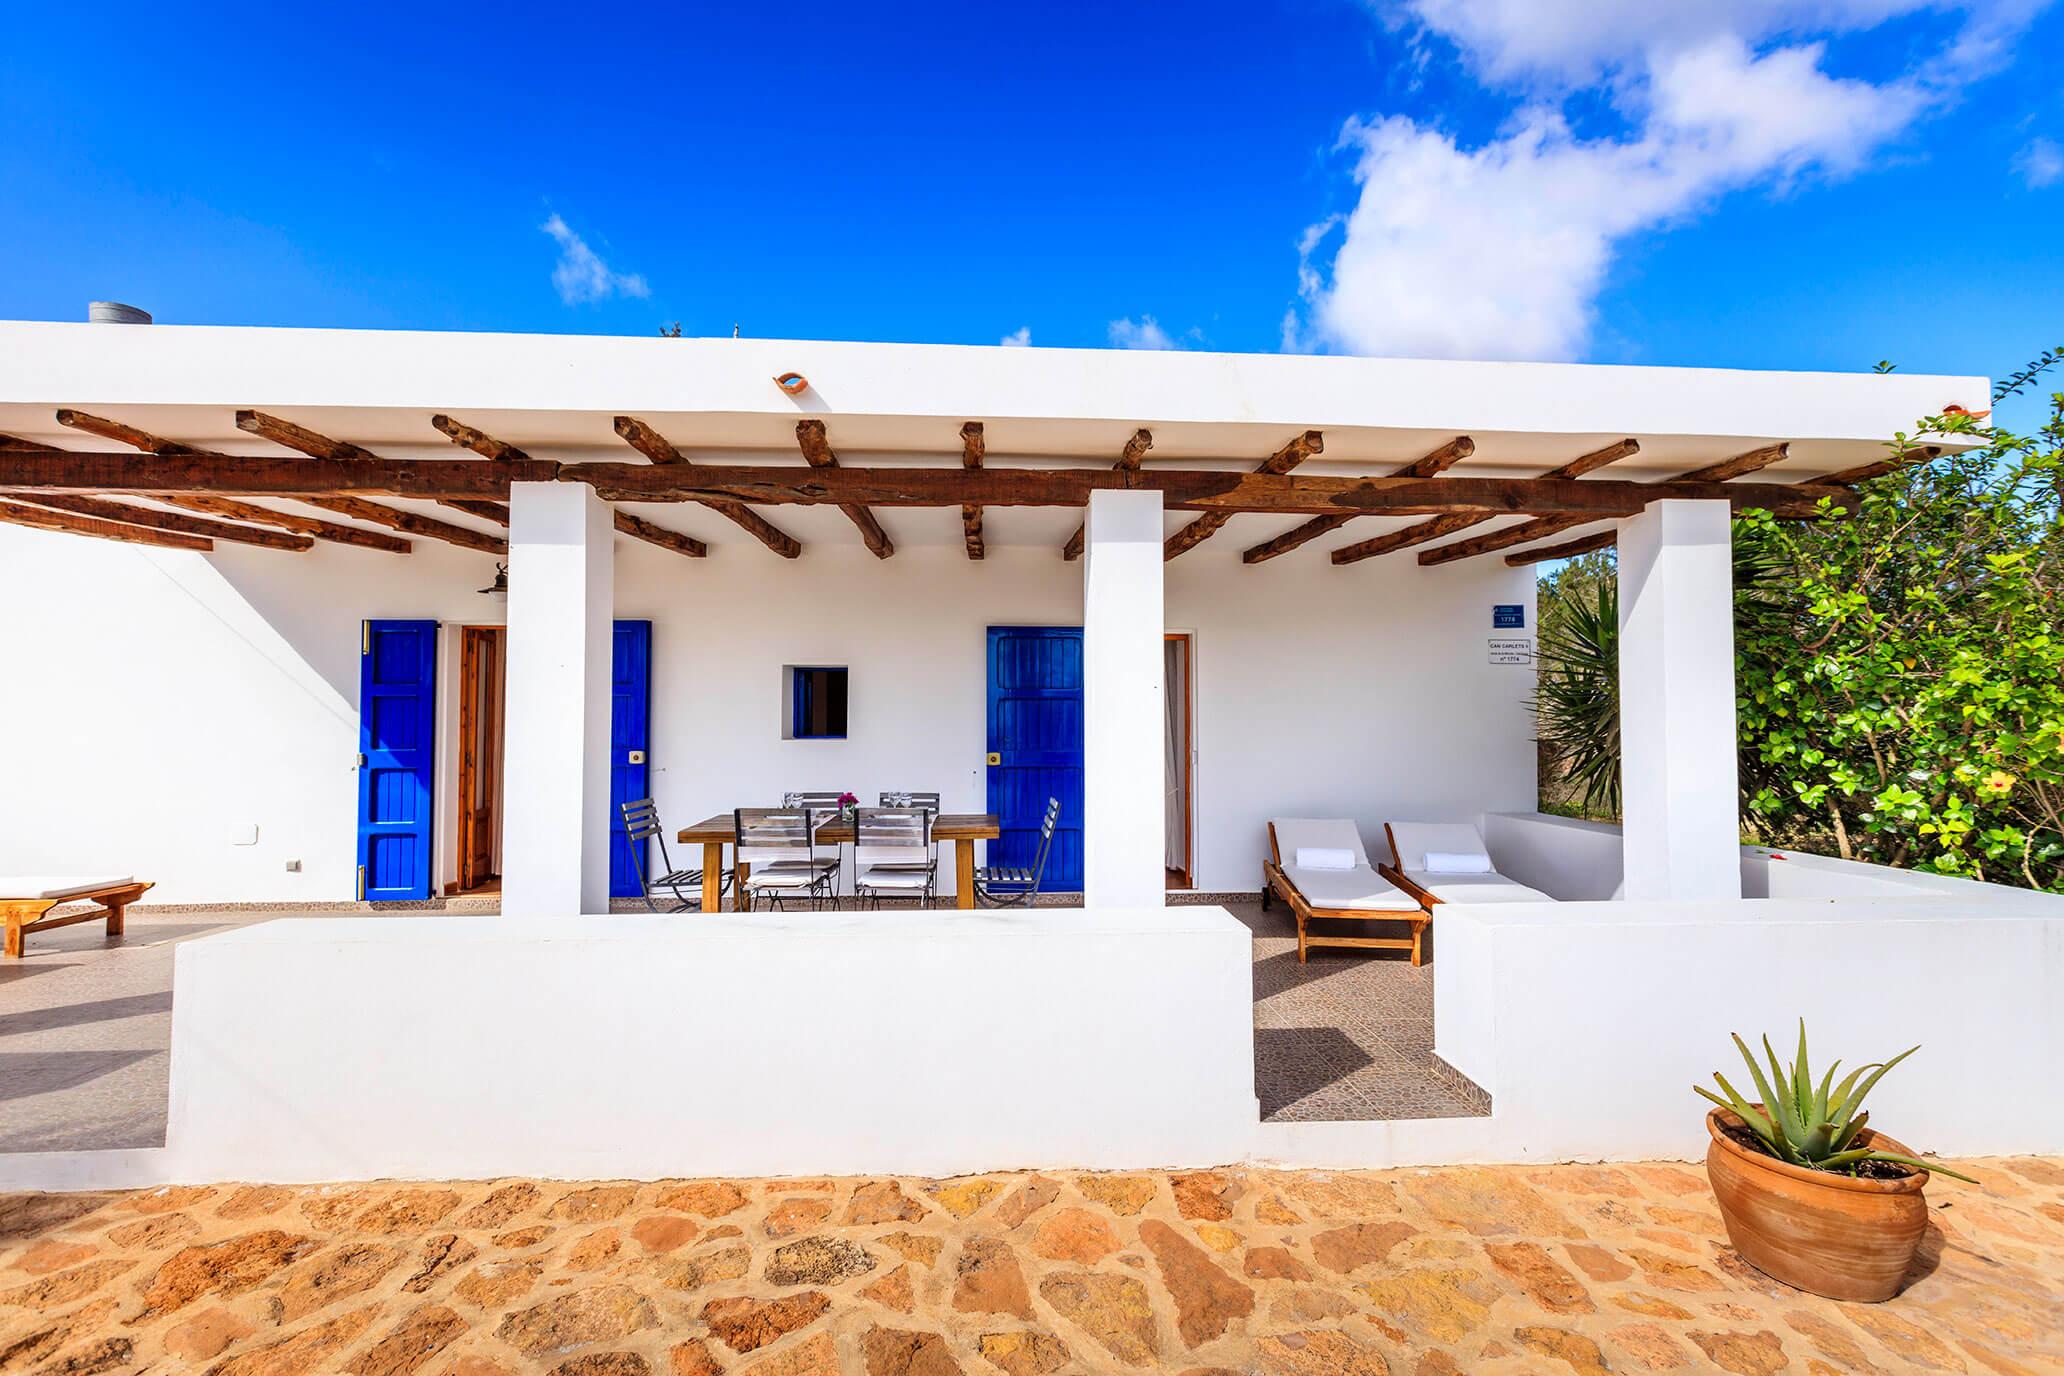 Casa rural en Formentera de dos habitaciones con terraza y jardín. San Francisco Javier, capital de Formentera. Alojamientos turísticos Cardona